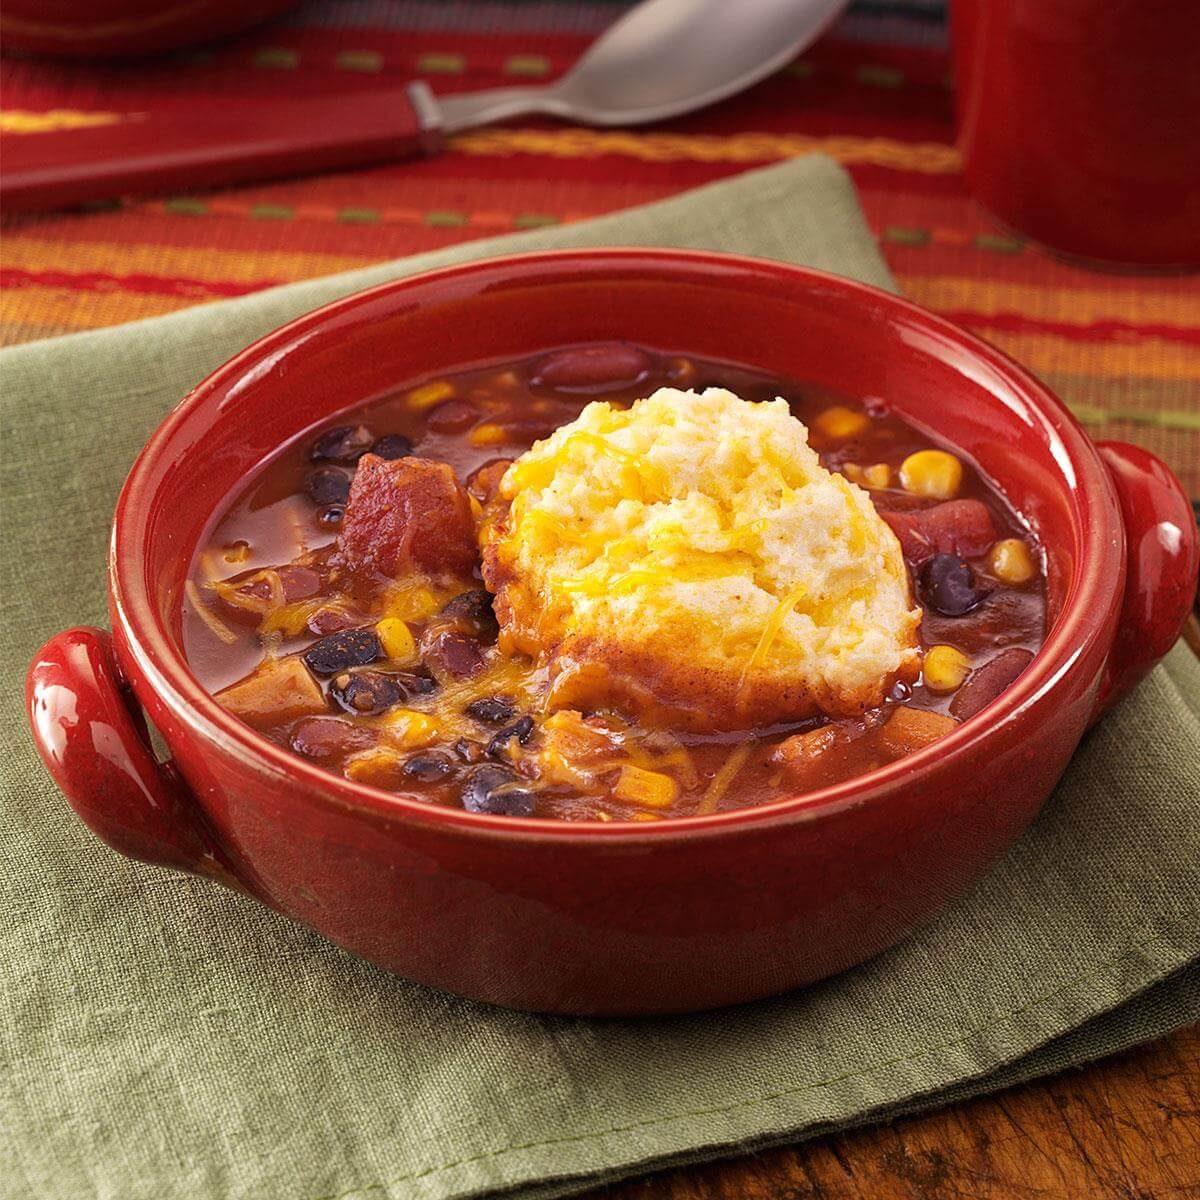 Western Sweet Dishes Recipes: Southwestern Turkey Dumpling Soup Recipe